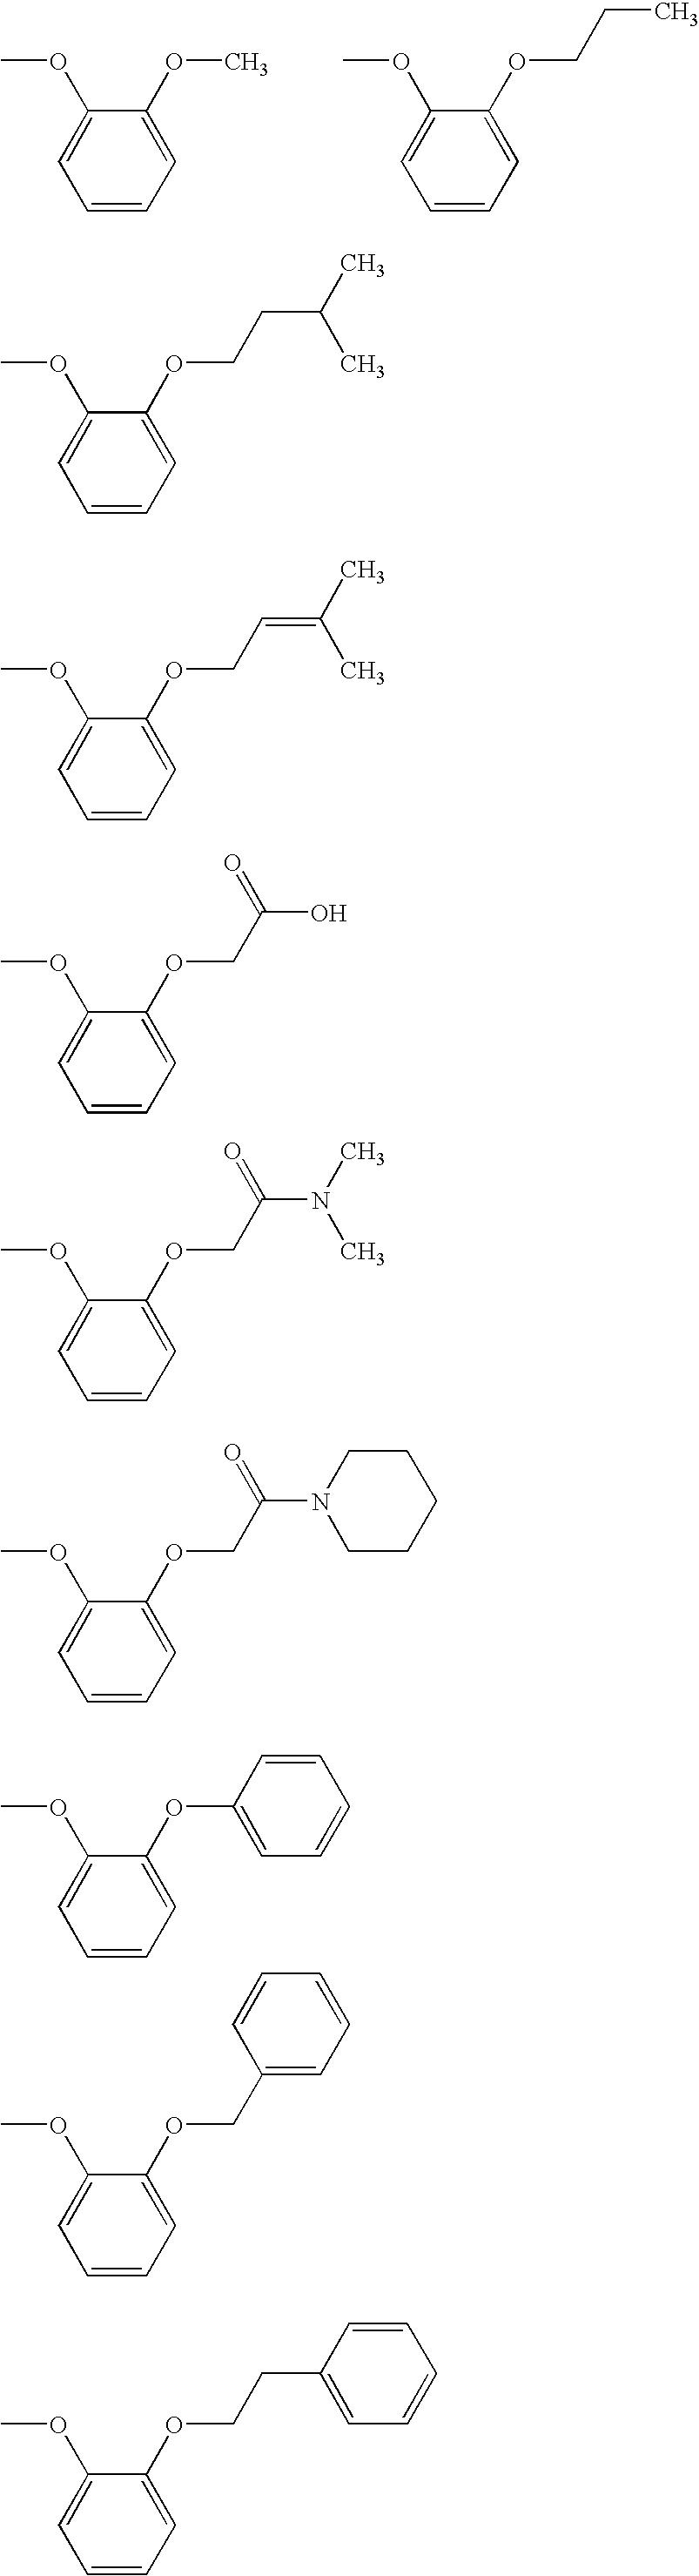 Figure US20070049593A1-20070301-C00216